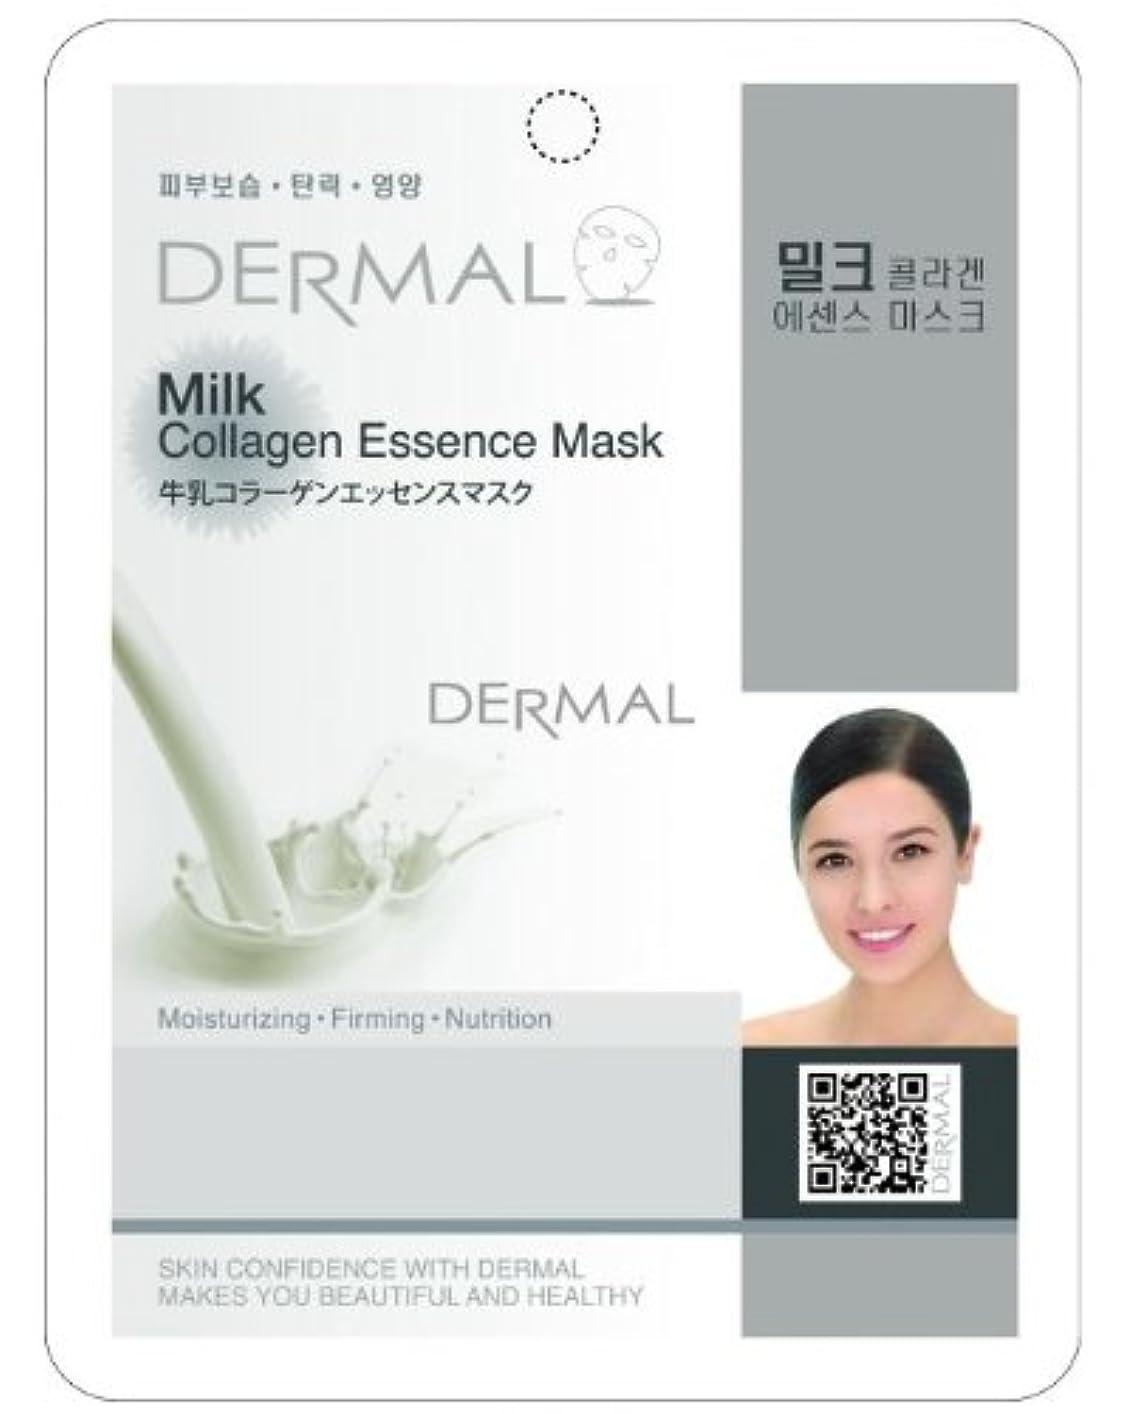 冷蔵する流暢管理するミルクシートマスク(フェイスパック) 100枚セット ダーマル(Dermal)